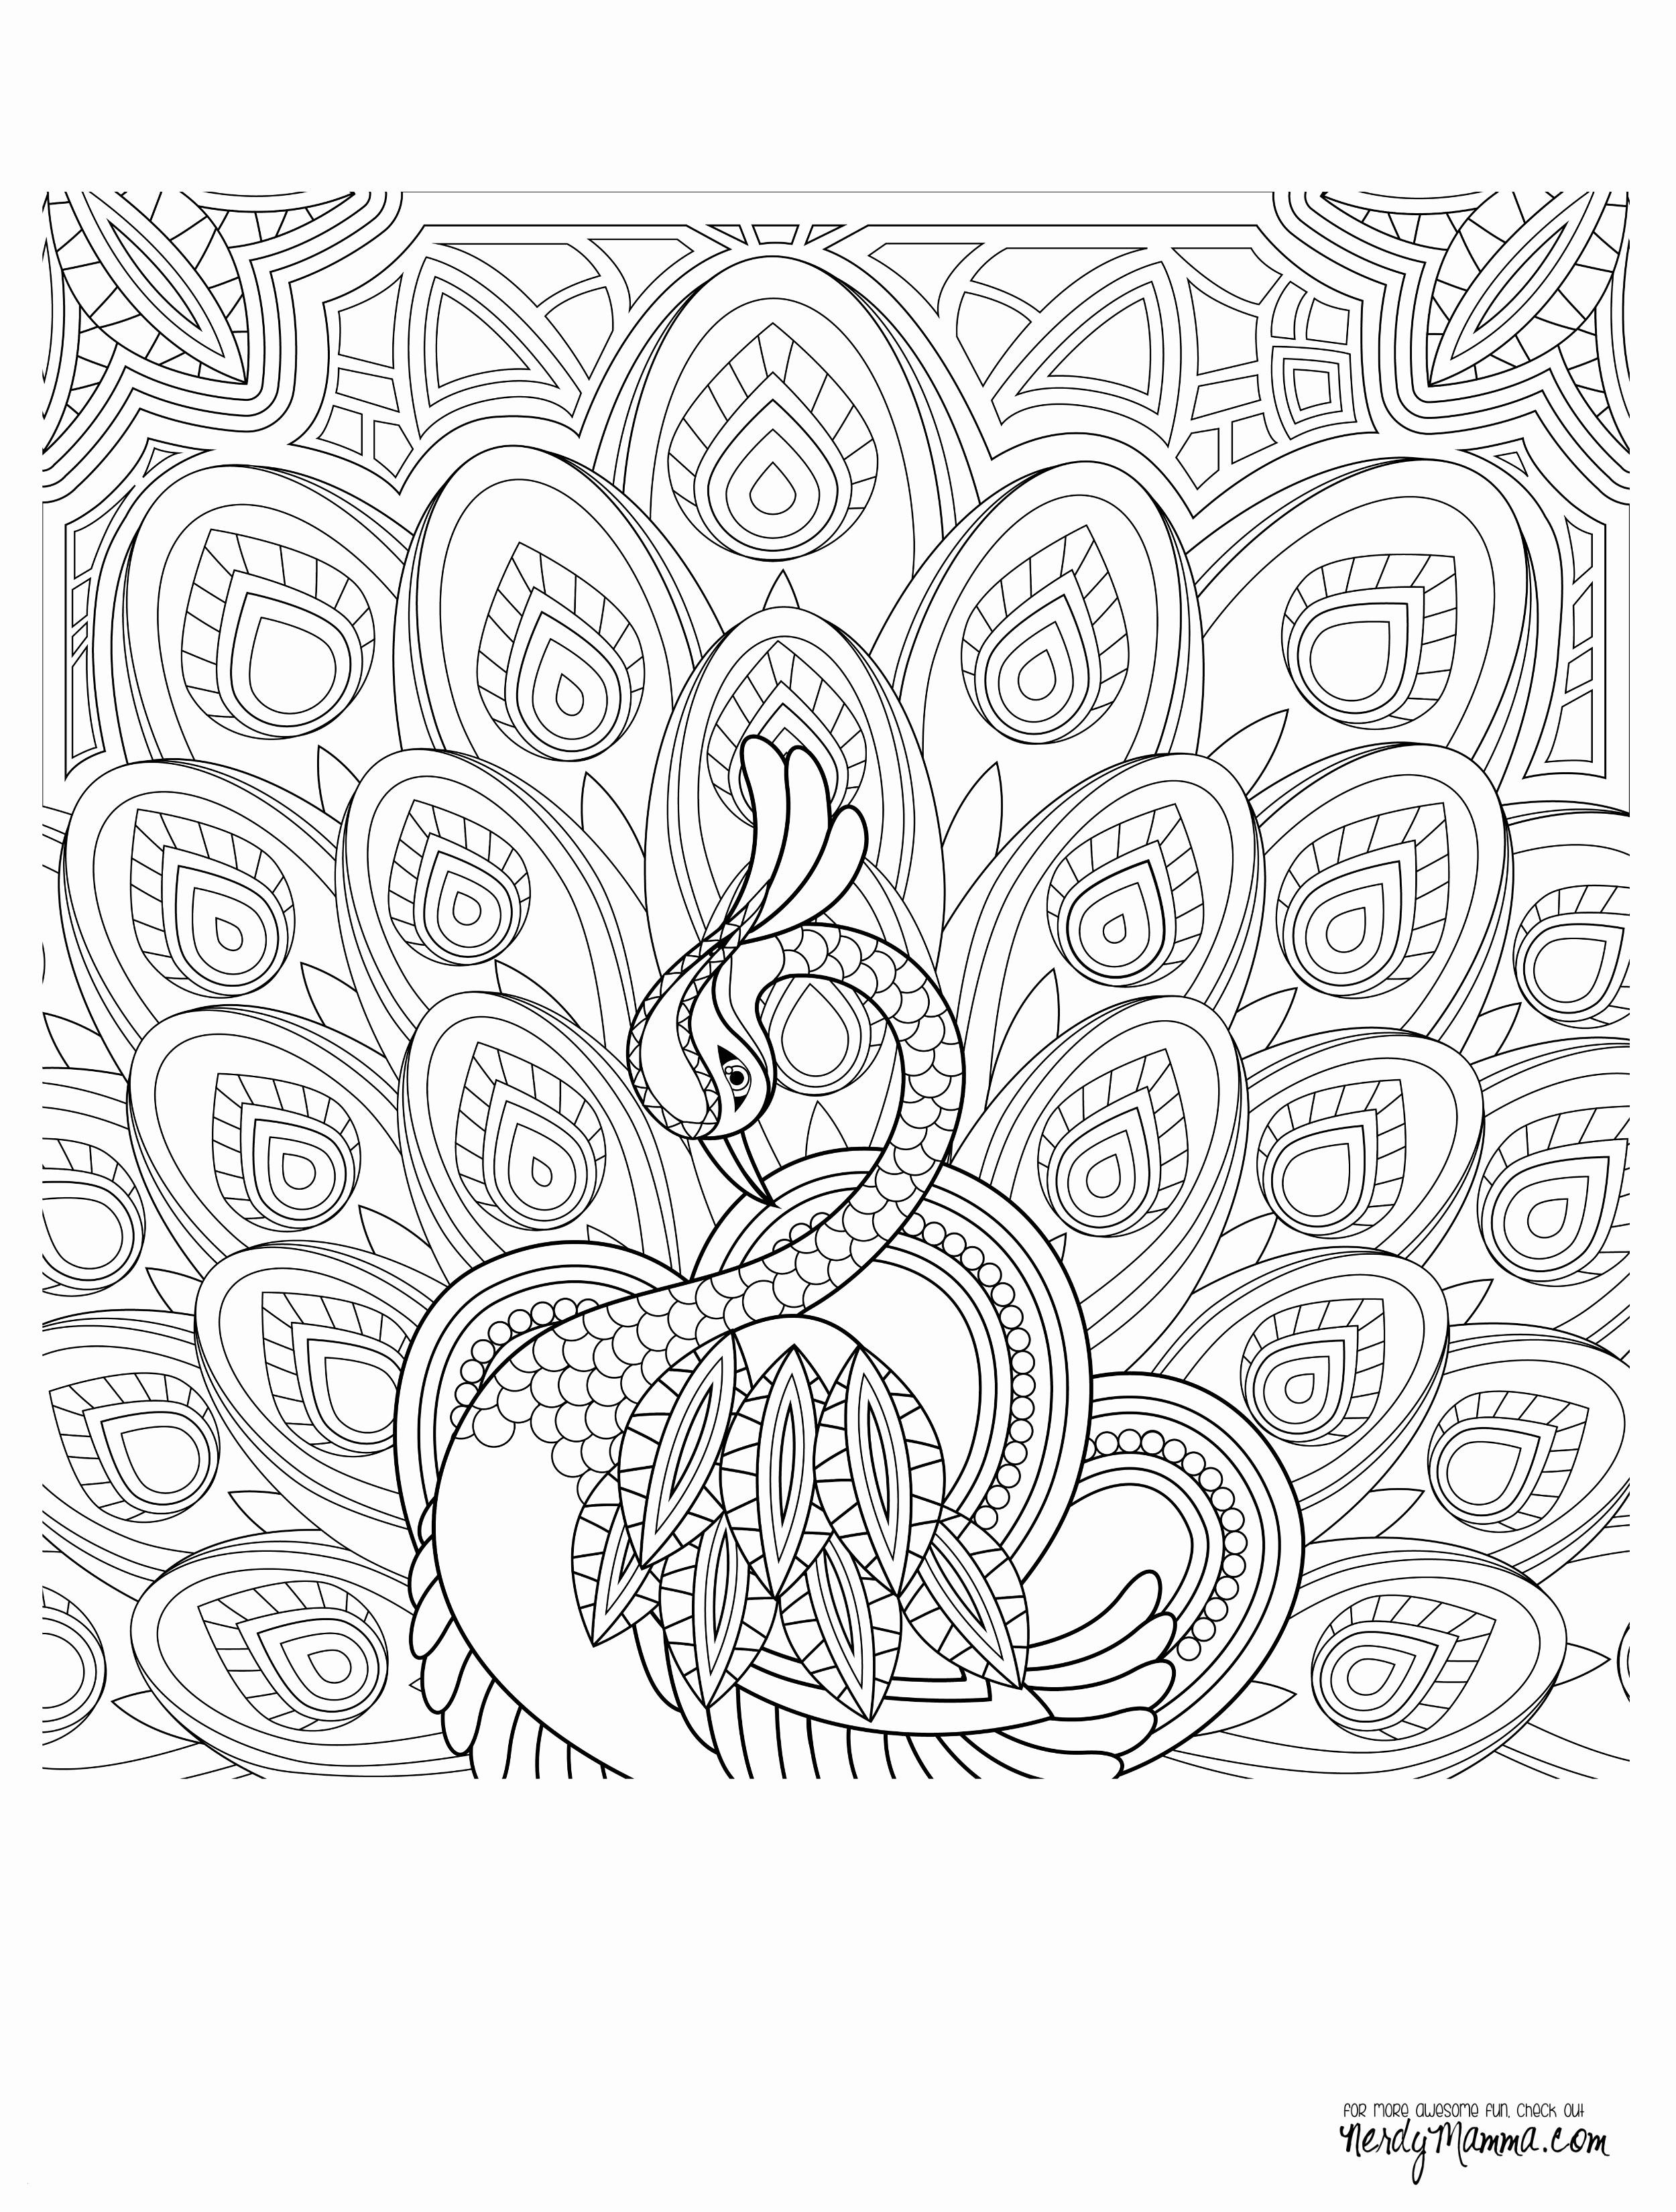 Malvorlagen Winnie Pooh Genial Ausmalbilder Eulen Kostenlos Ausdrucken Stock 35 Malvorlagen 87dx Sammlung